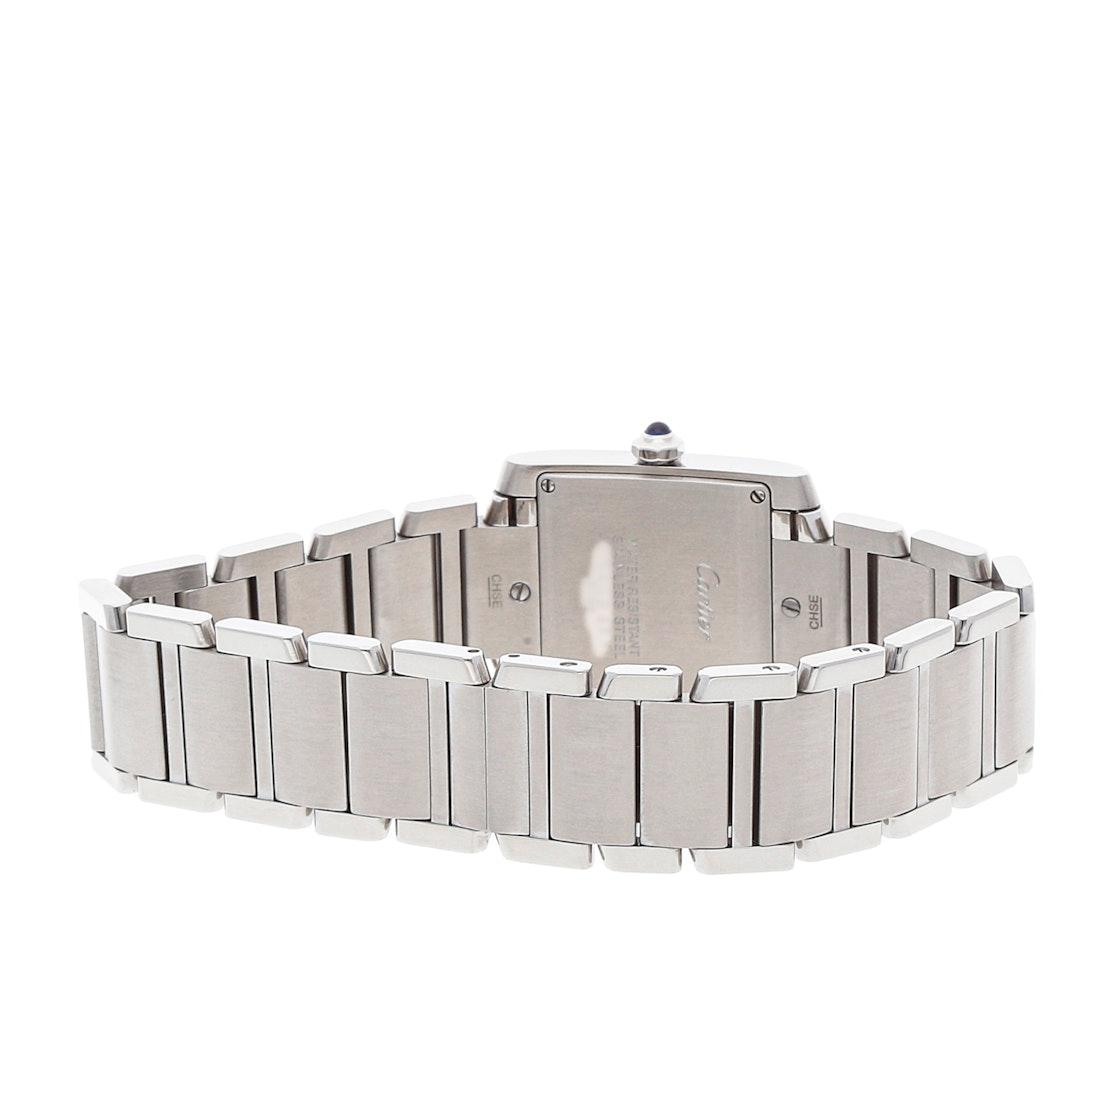 Cartier Tank Francaise Midsize W51011Q3